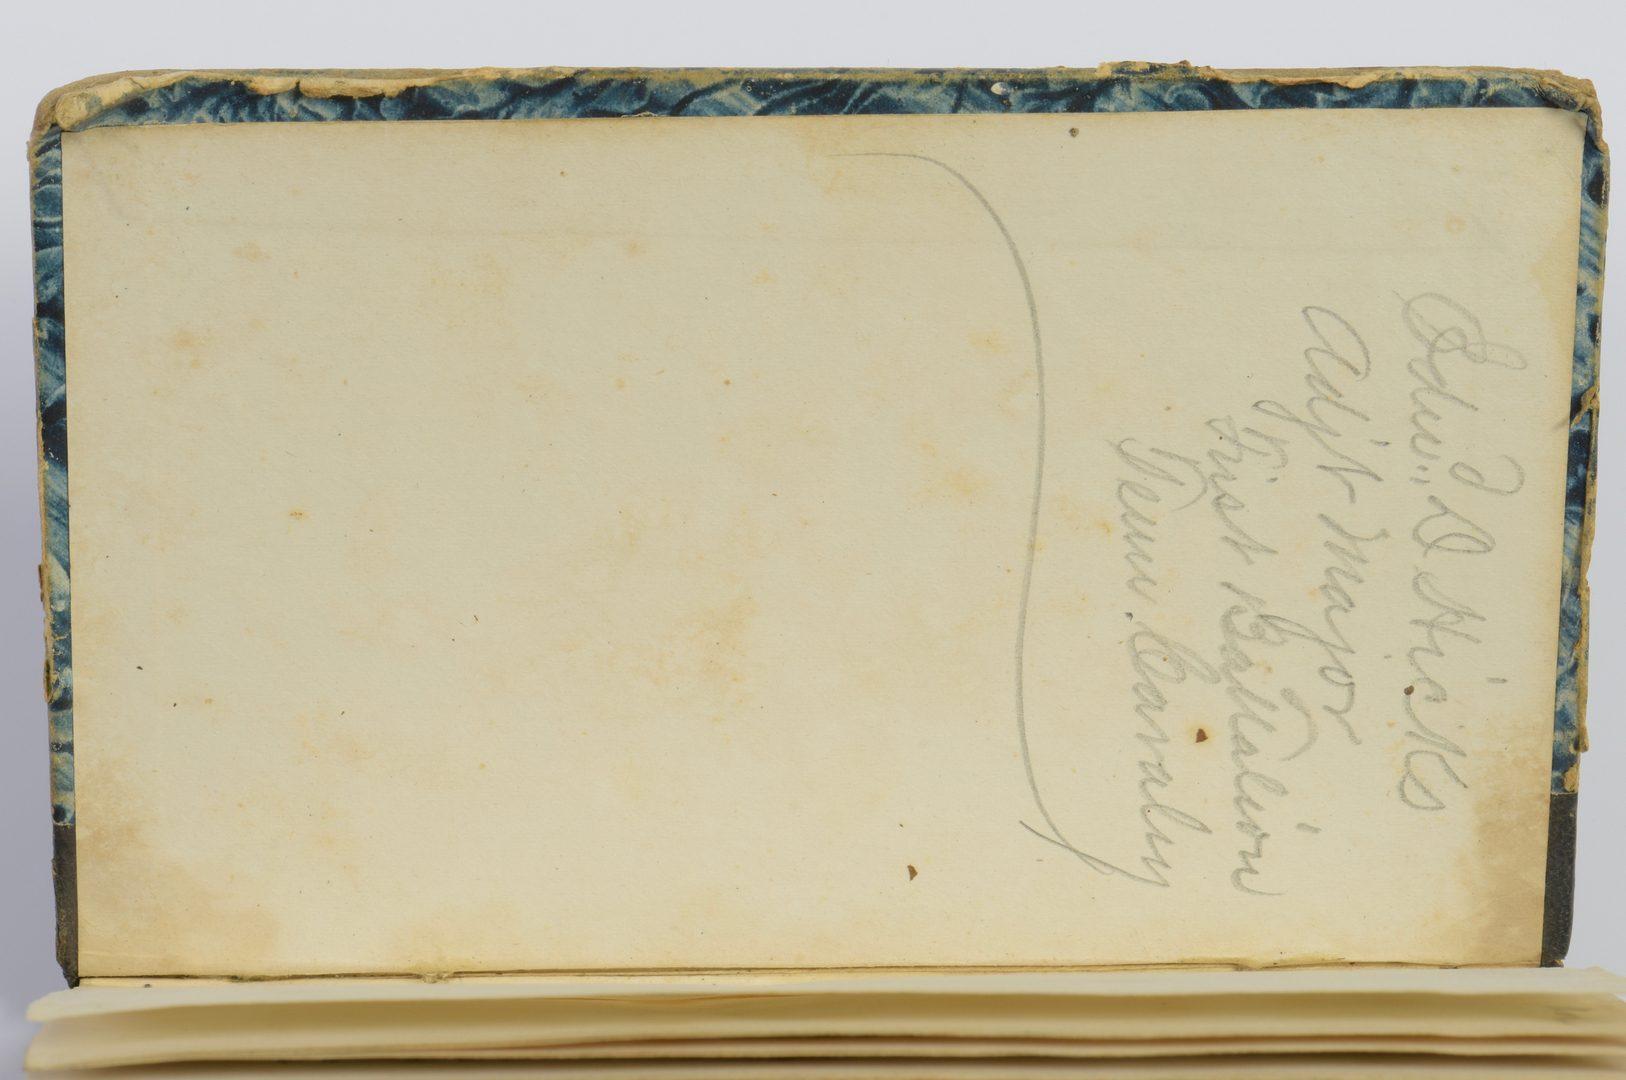 Lot 273: Civil War Troopers Manual, CSA Ed Hicks II